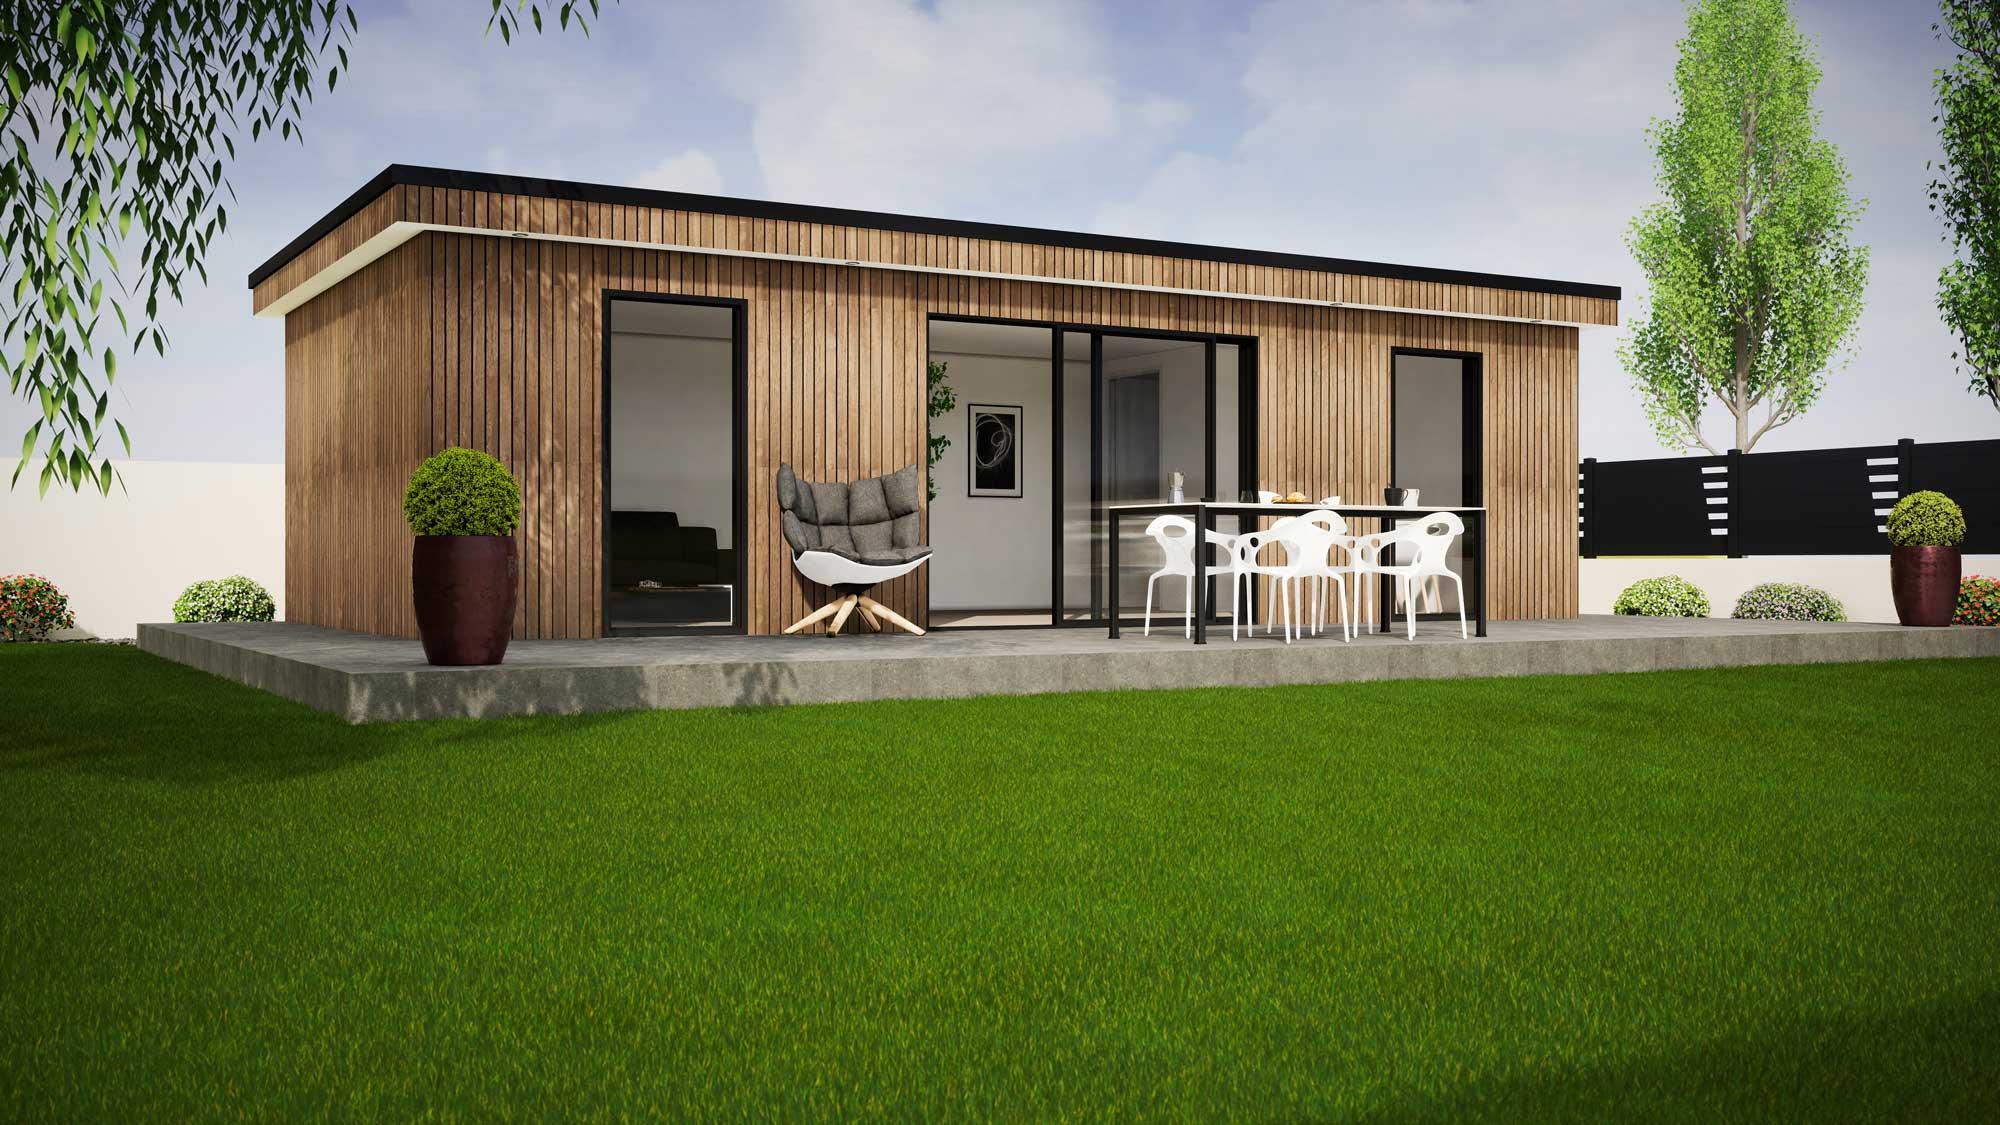 Maison modulaire 3D lumineuse avec terrasse